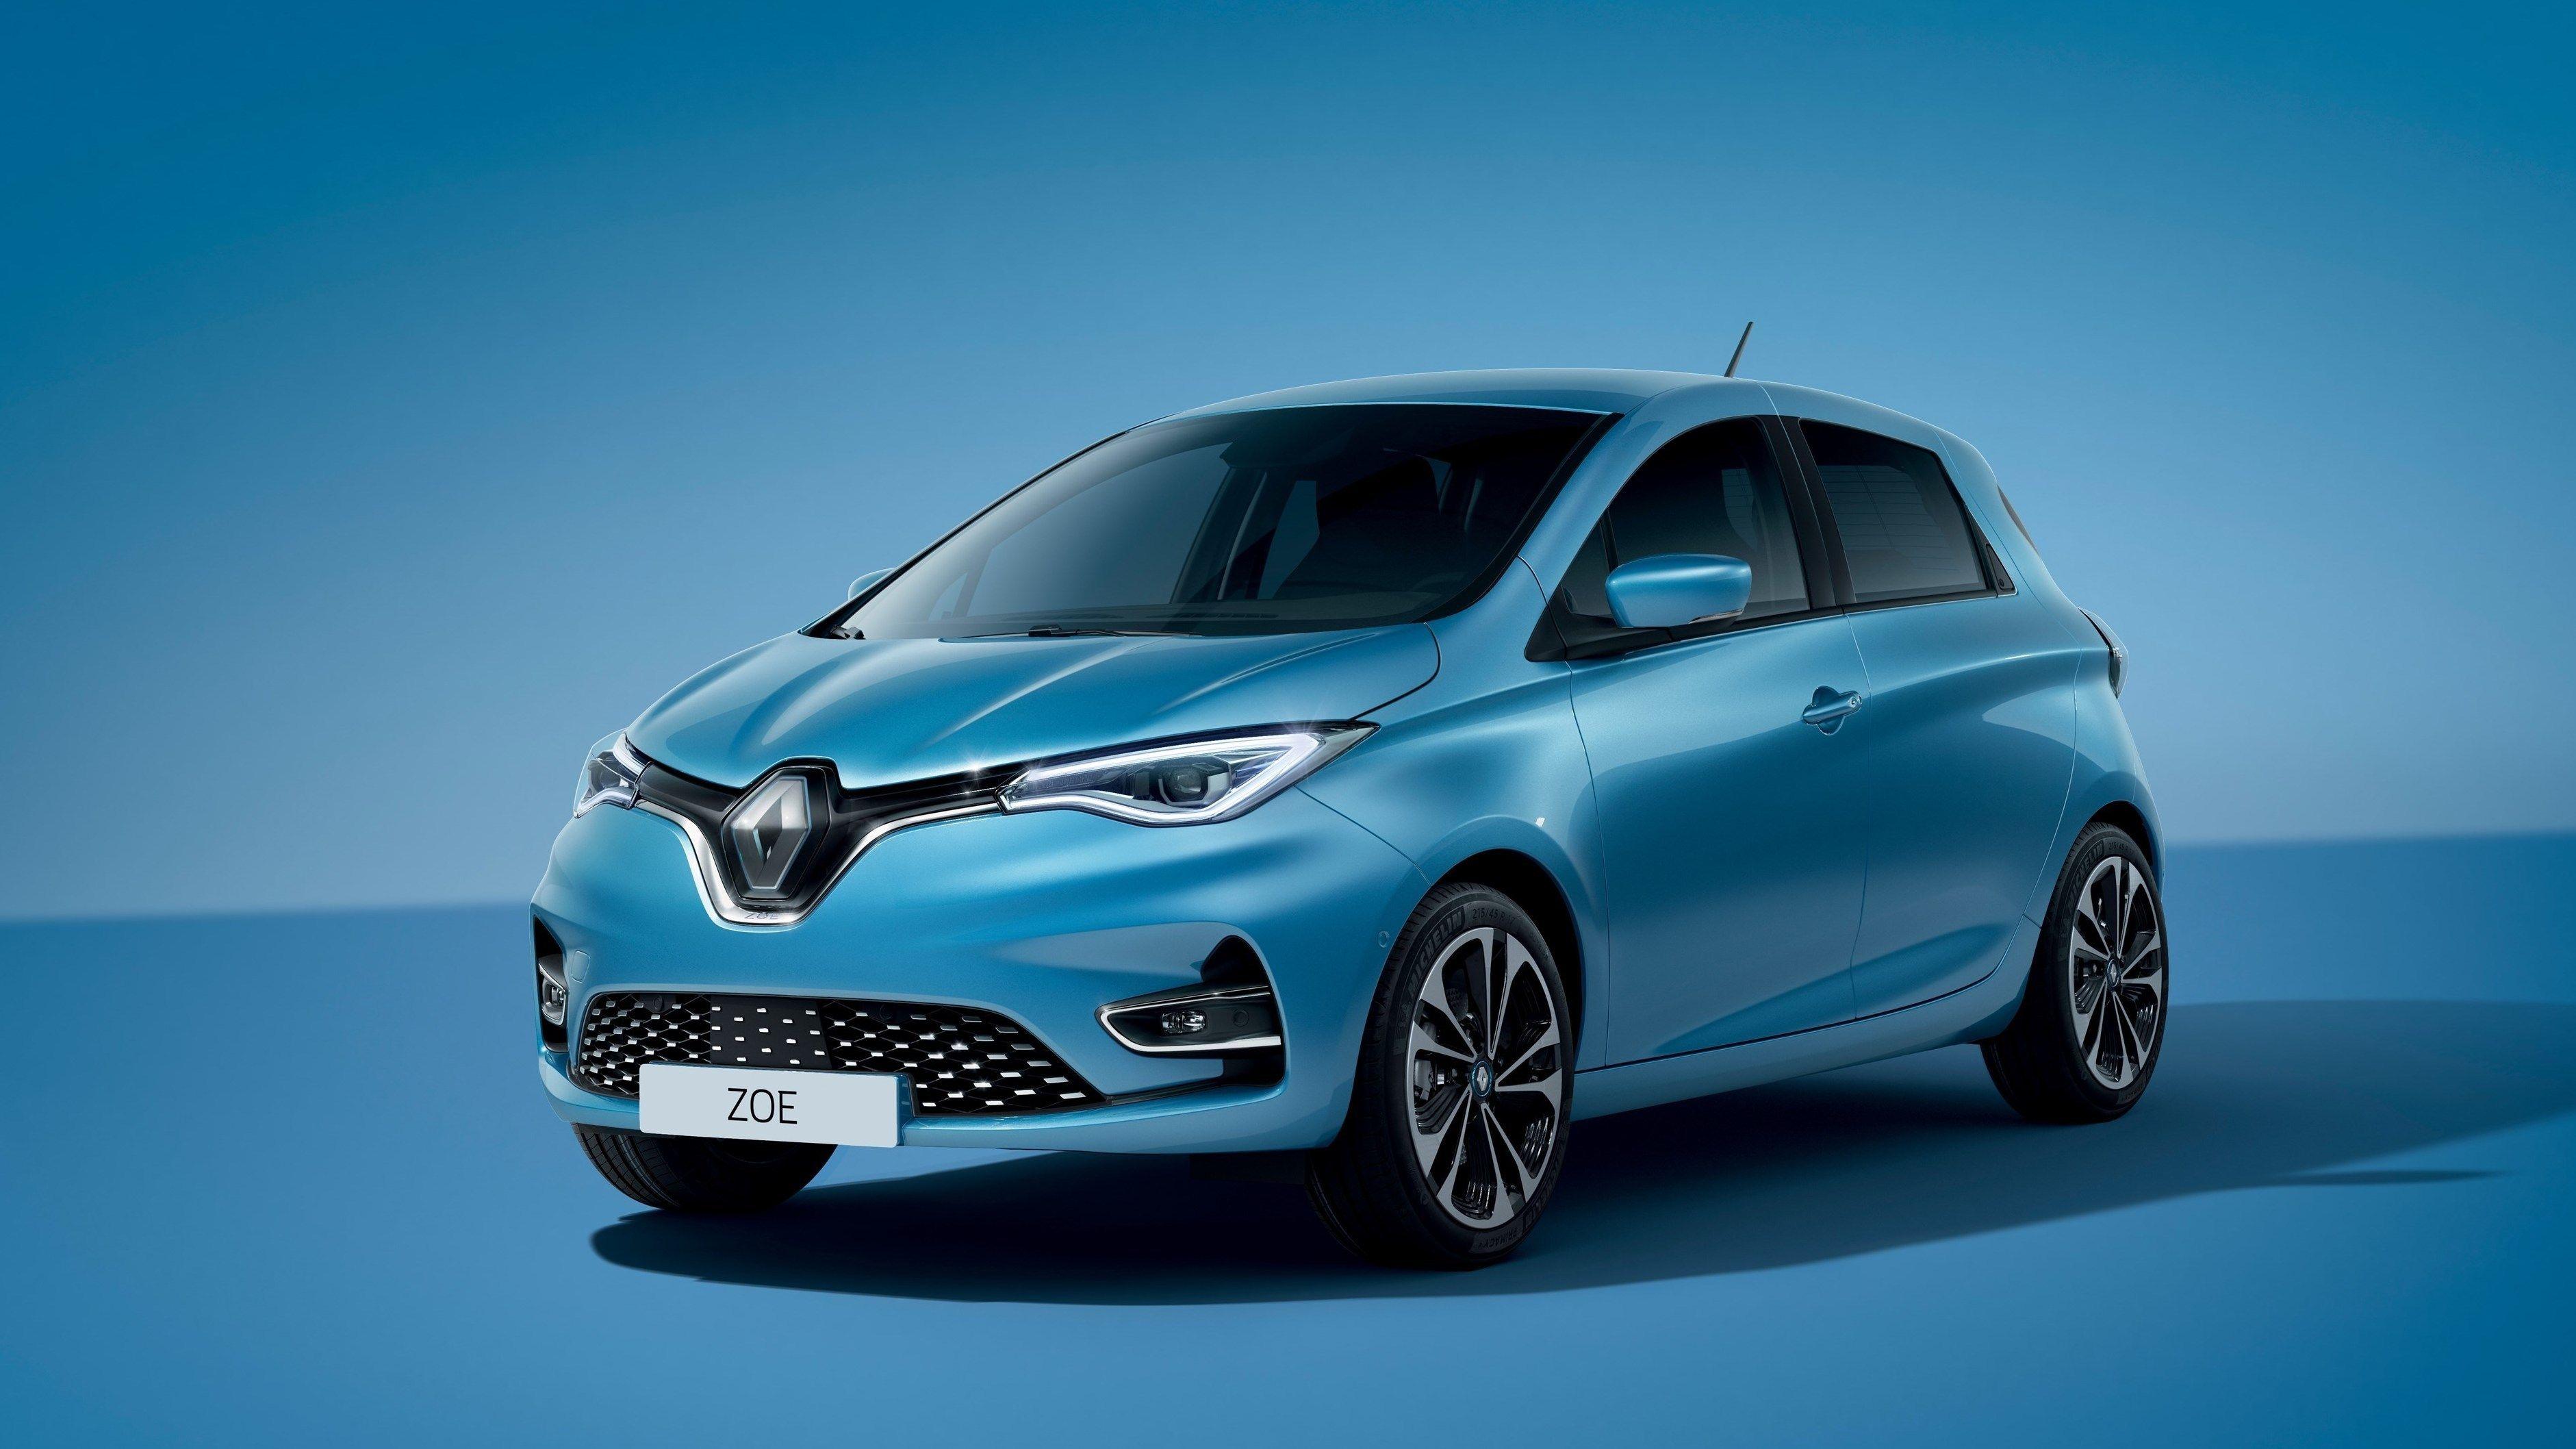 Renault Zoe i ny versjon ser ut til å friste mange kunder. Den har en WLTP-rekkevidde på 390 kilometer og fåes fra 250.000 kroner.